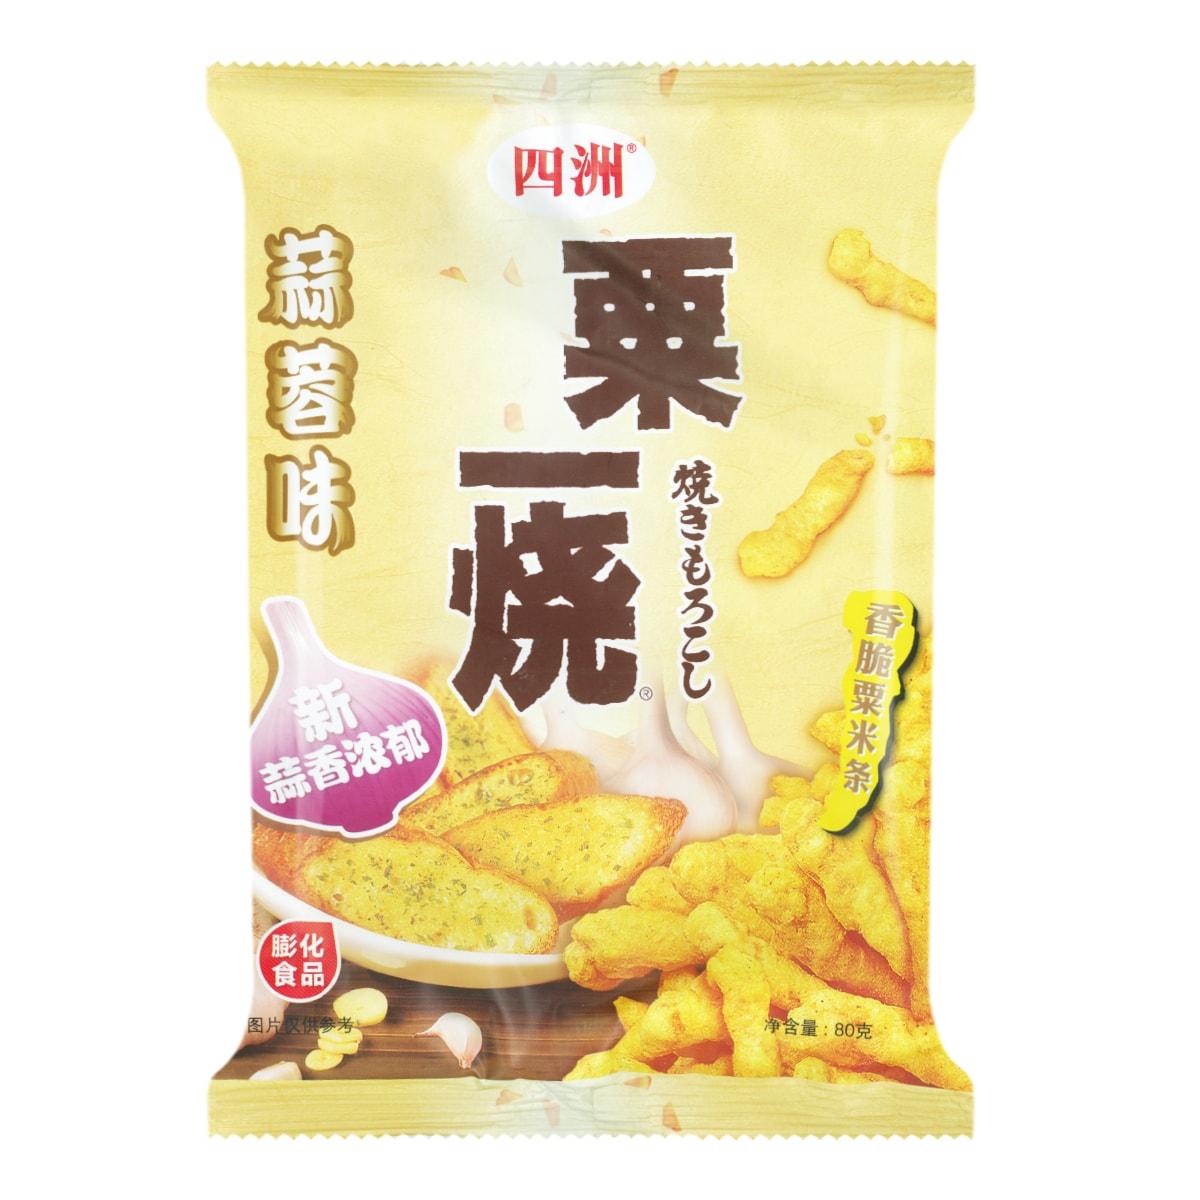 四洲 粟一烧 香脆粟米条 蒜蓉味 80g